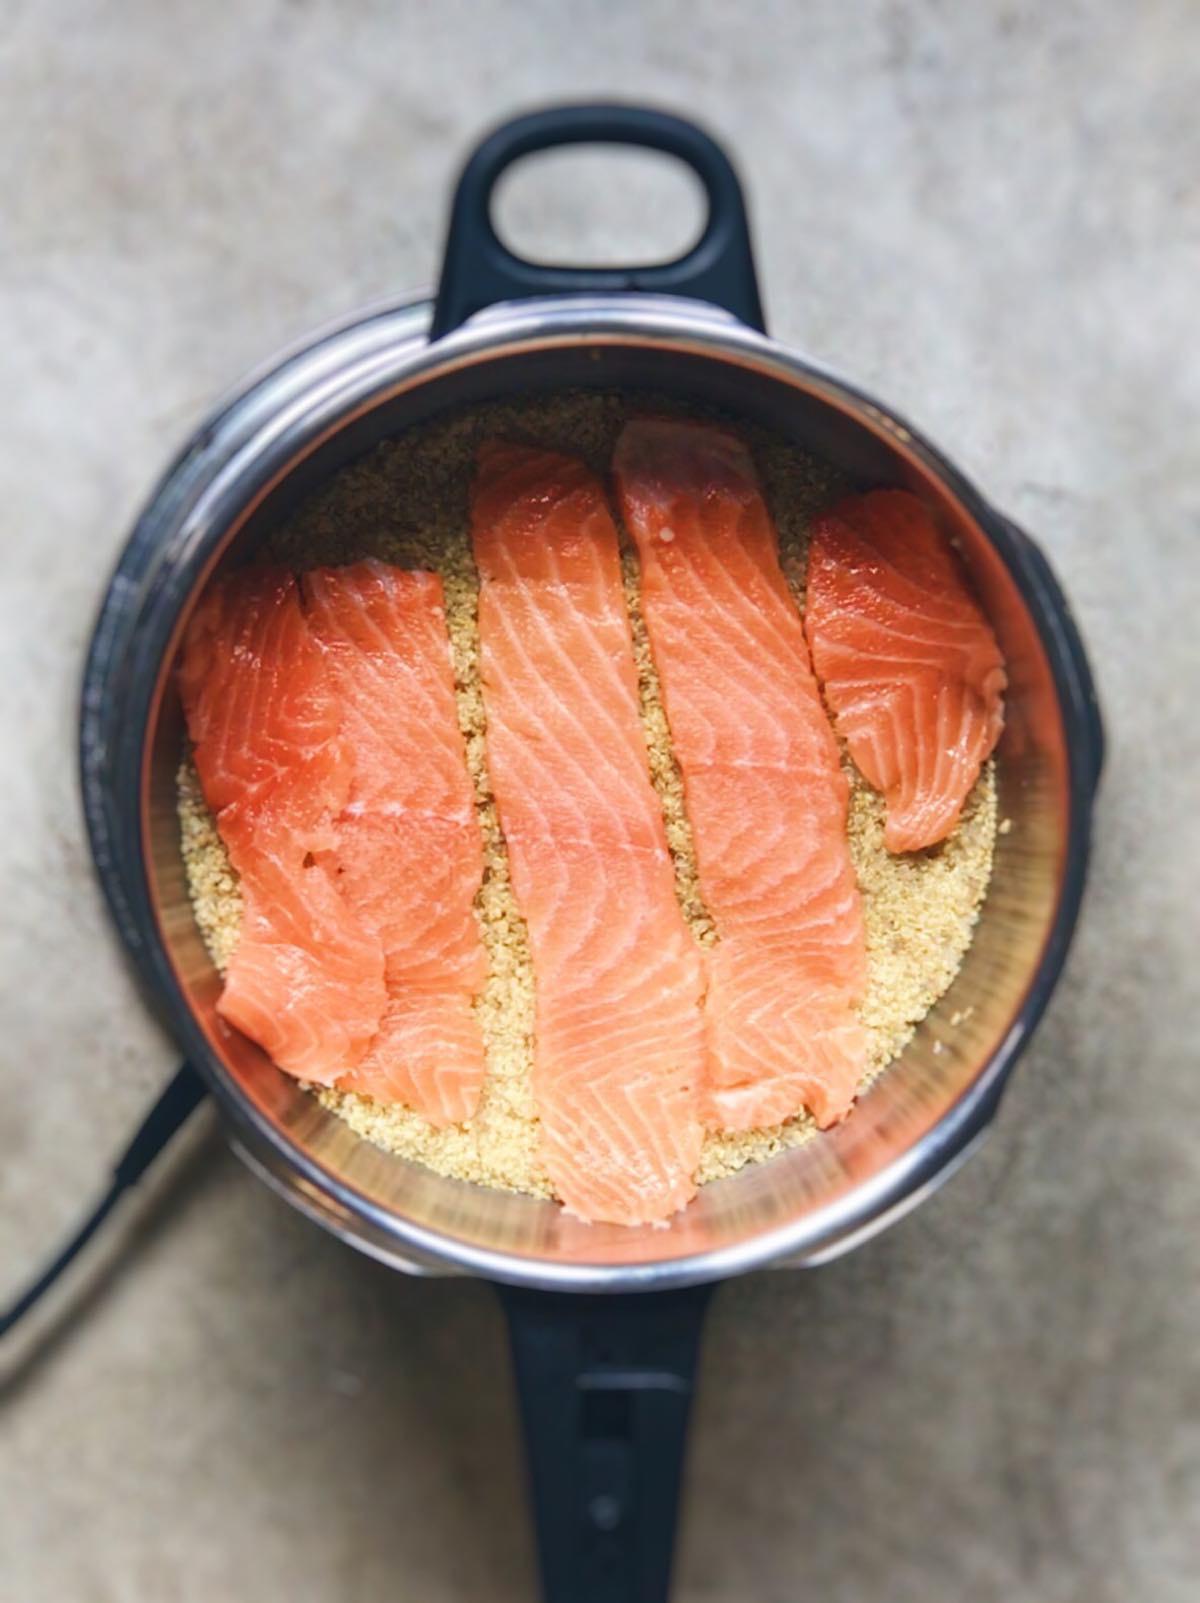 quinoa con salmon fresco en olla